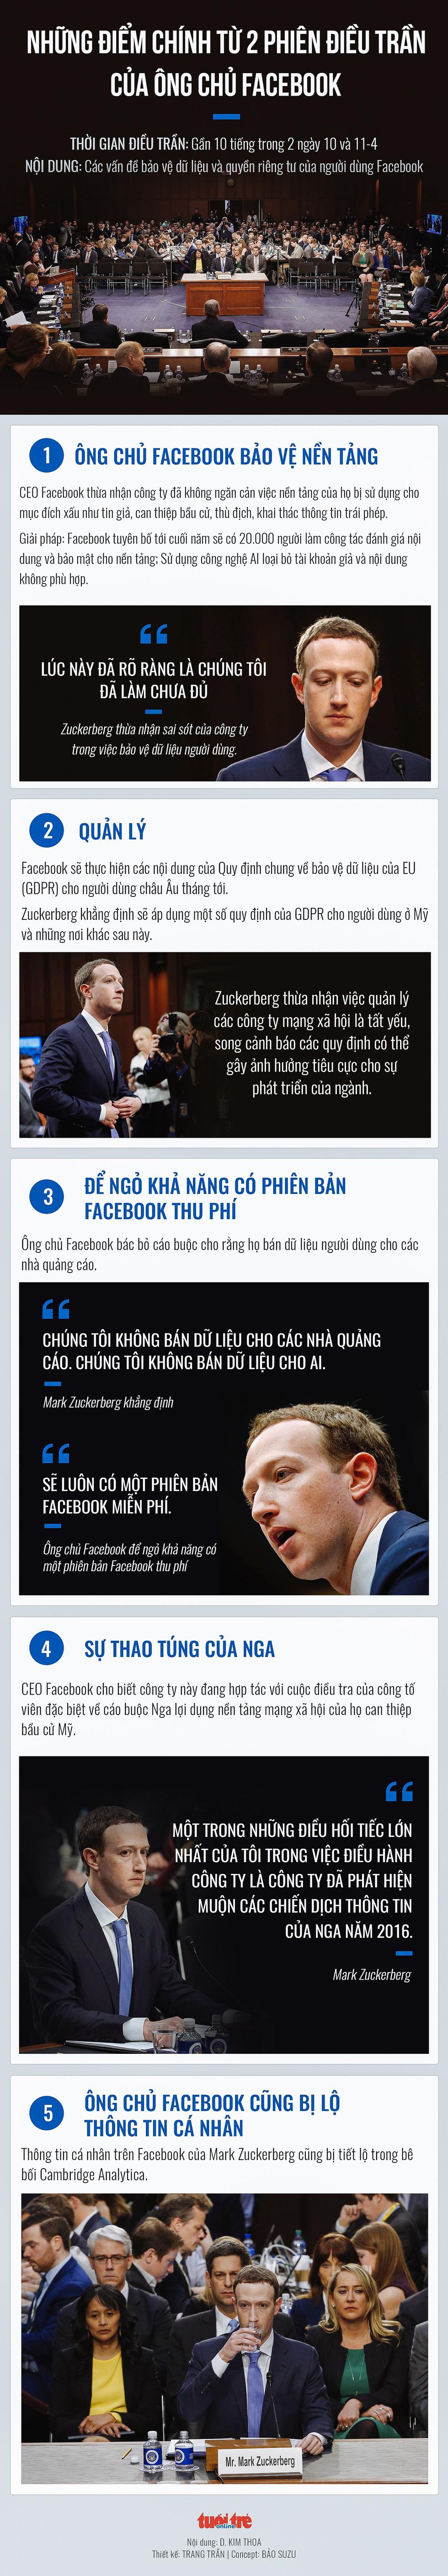 Infographic: Mark Zuckerberg đã điều trần những gì - Ảnh 1.